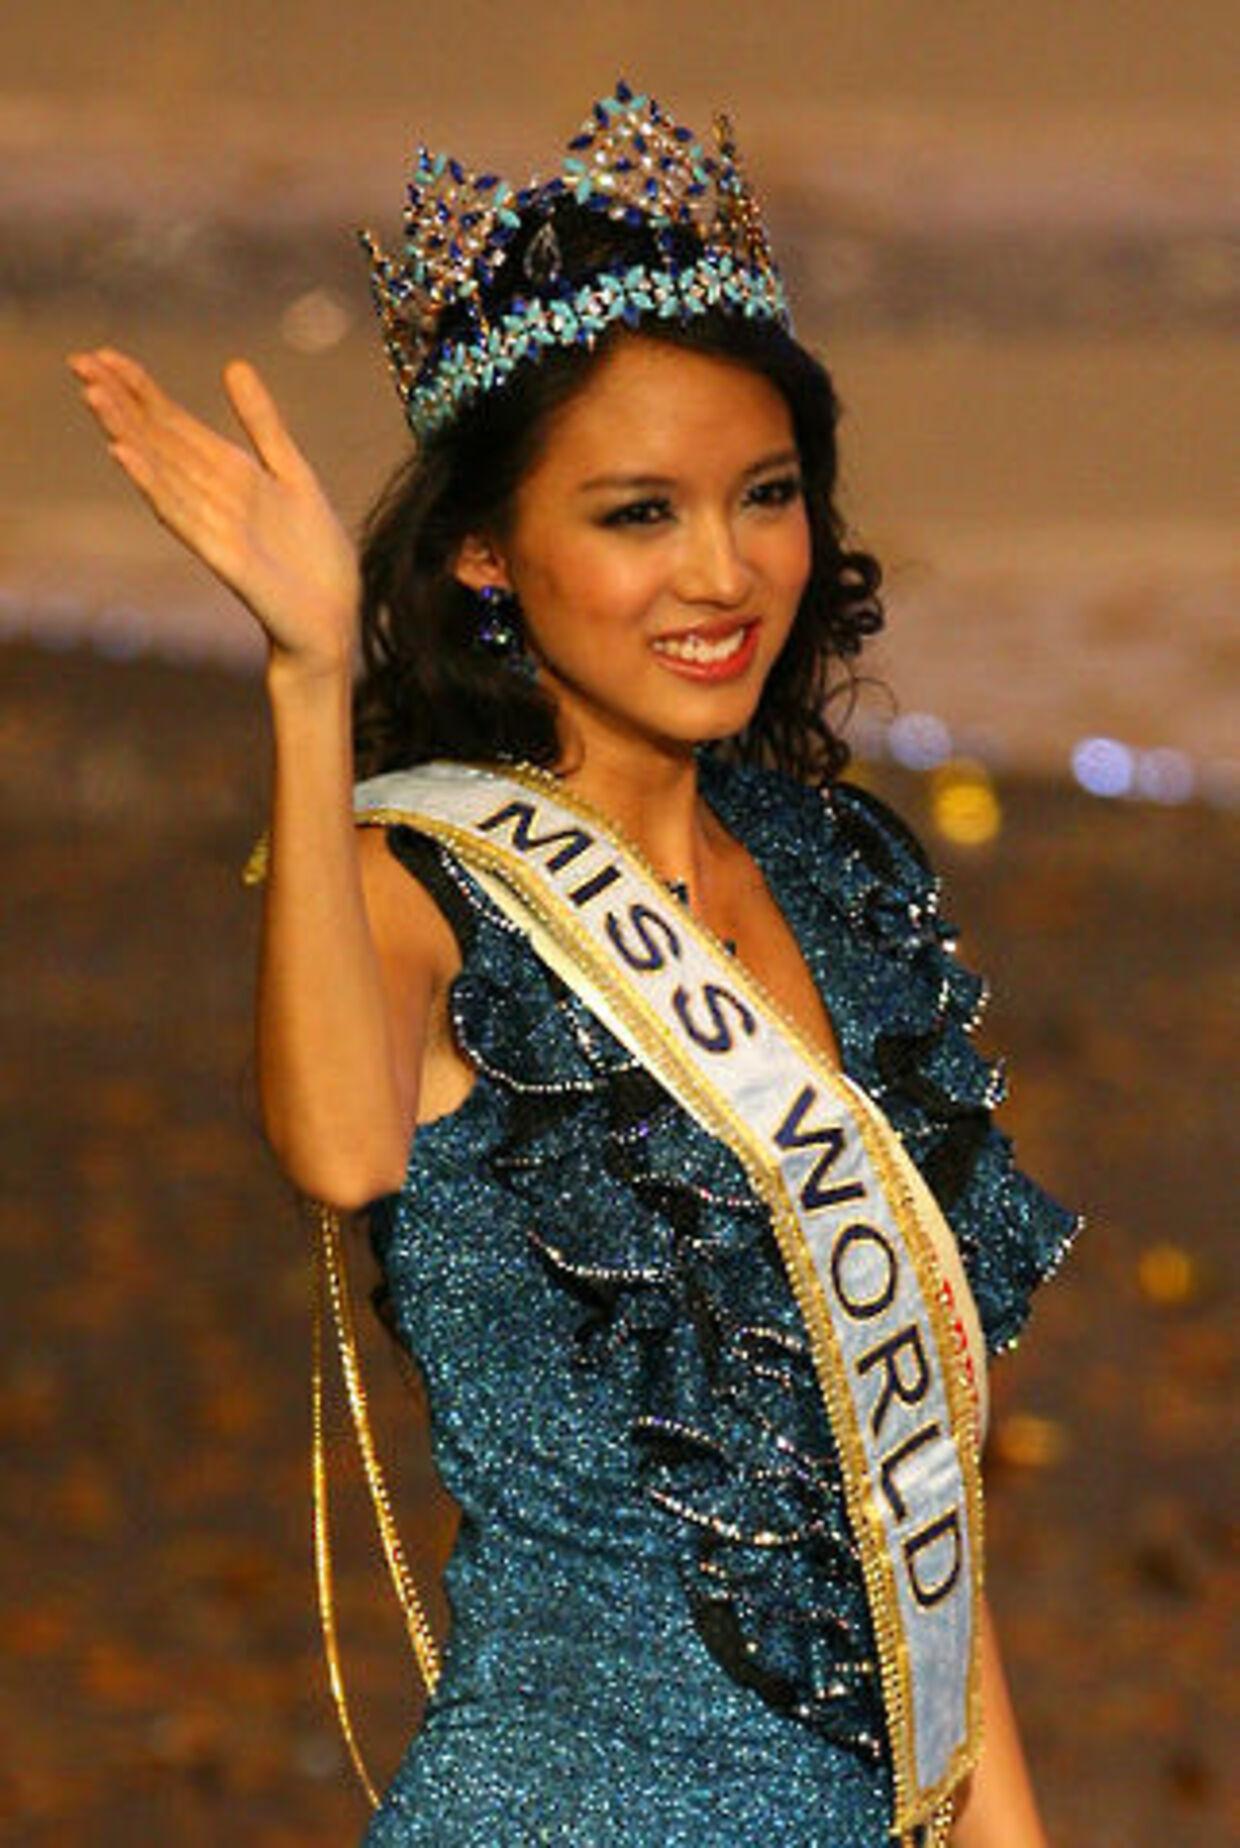 23-årige Zi Lin Zhang blev kåret som verdens smukkeste kvinde.